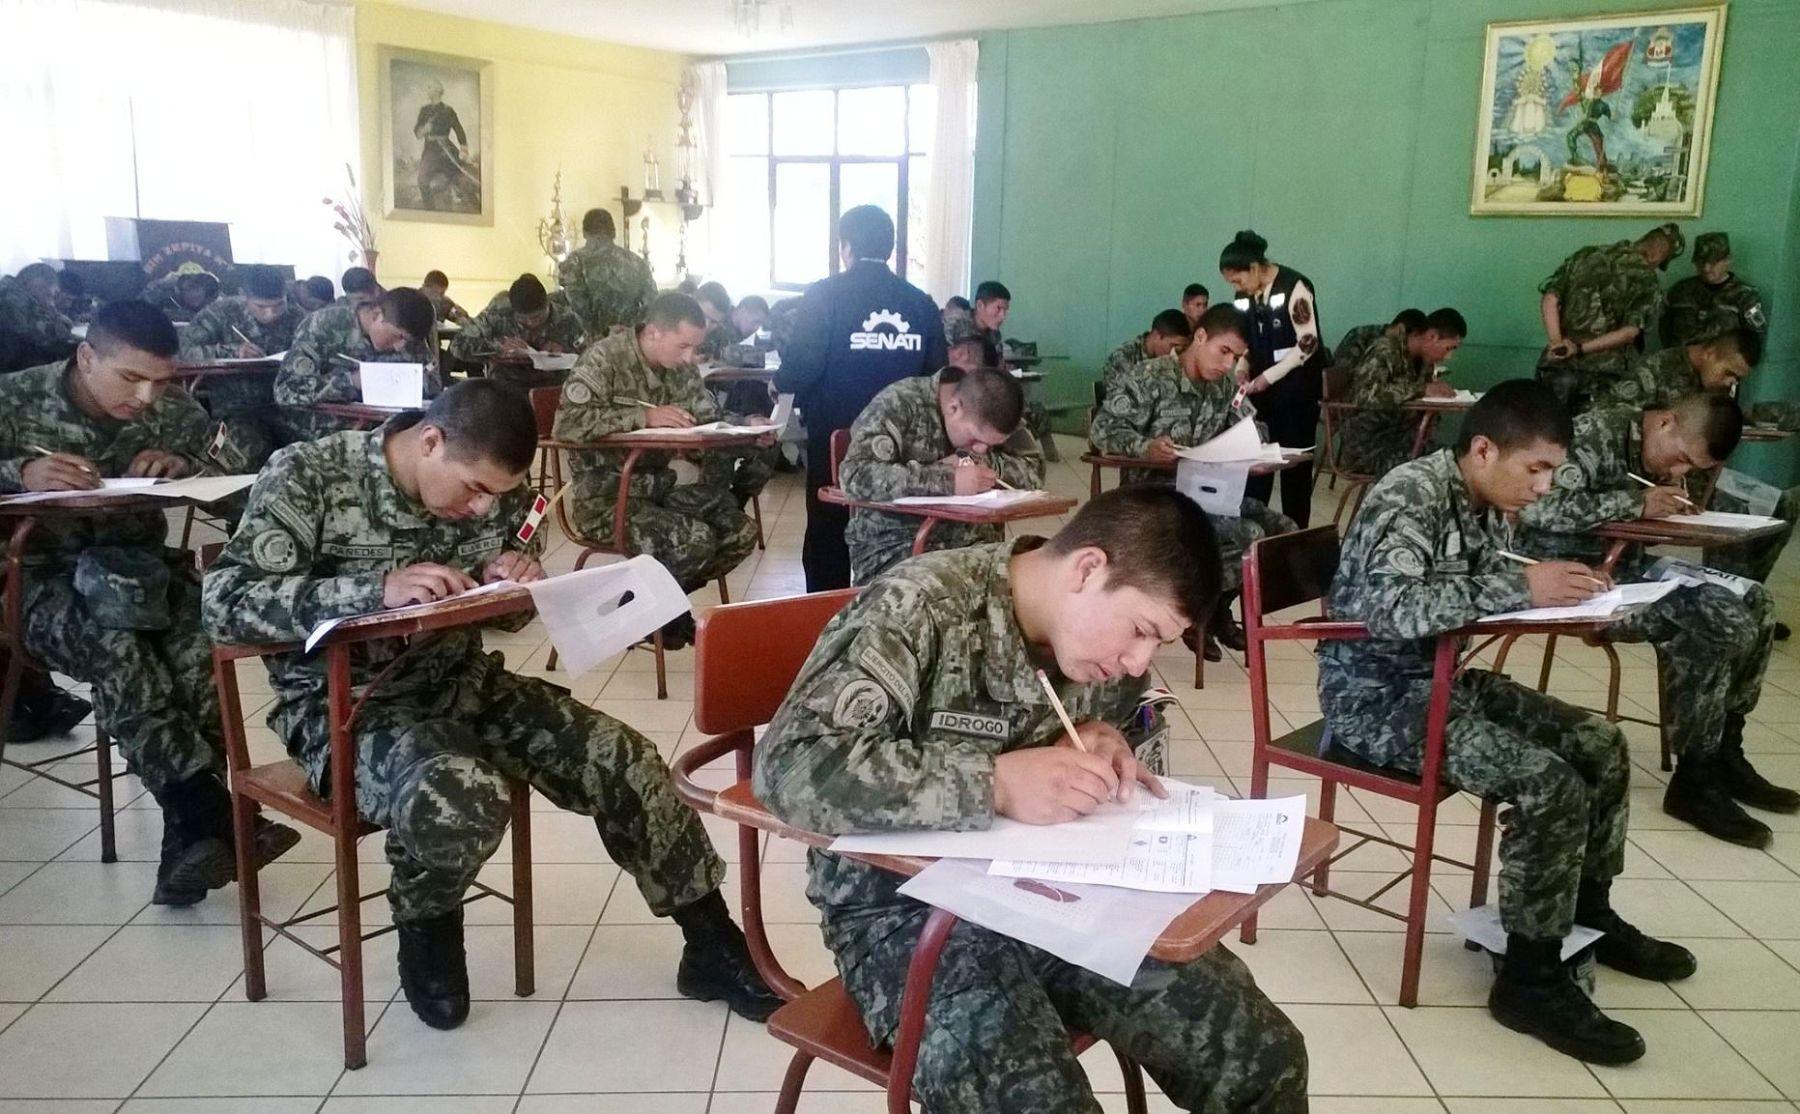 soldados haciendo examen para entrar en el ejercito peruano